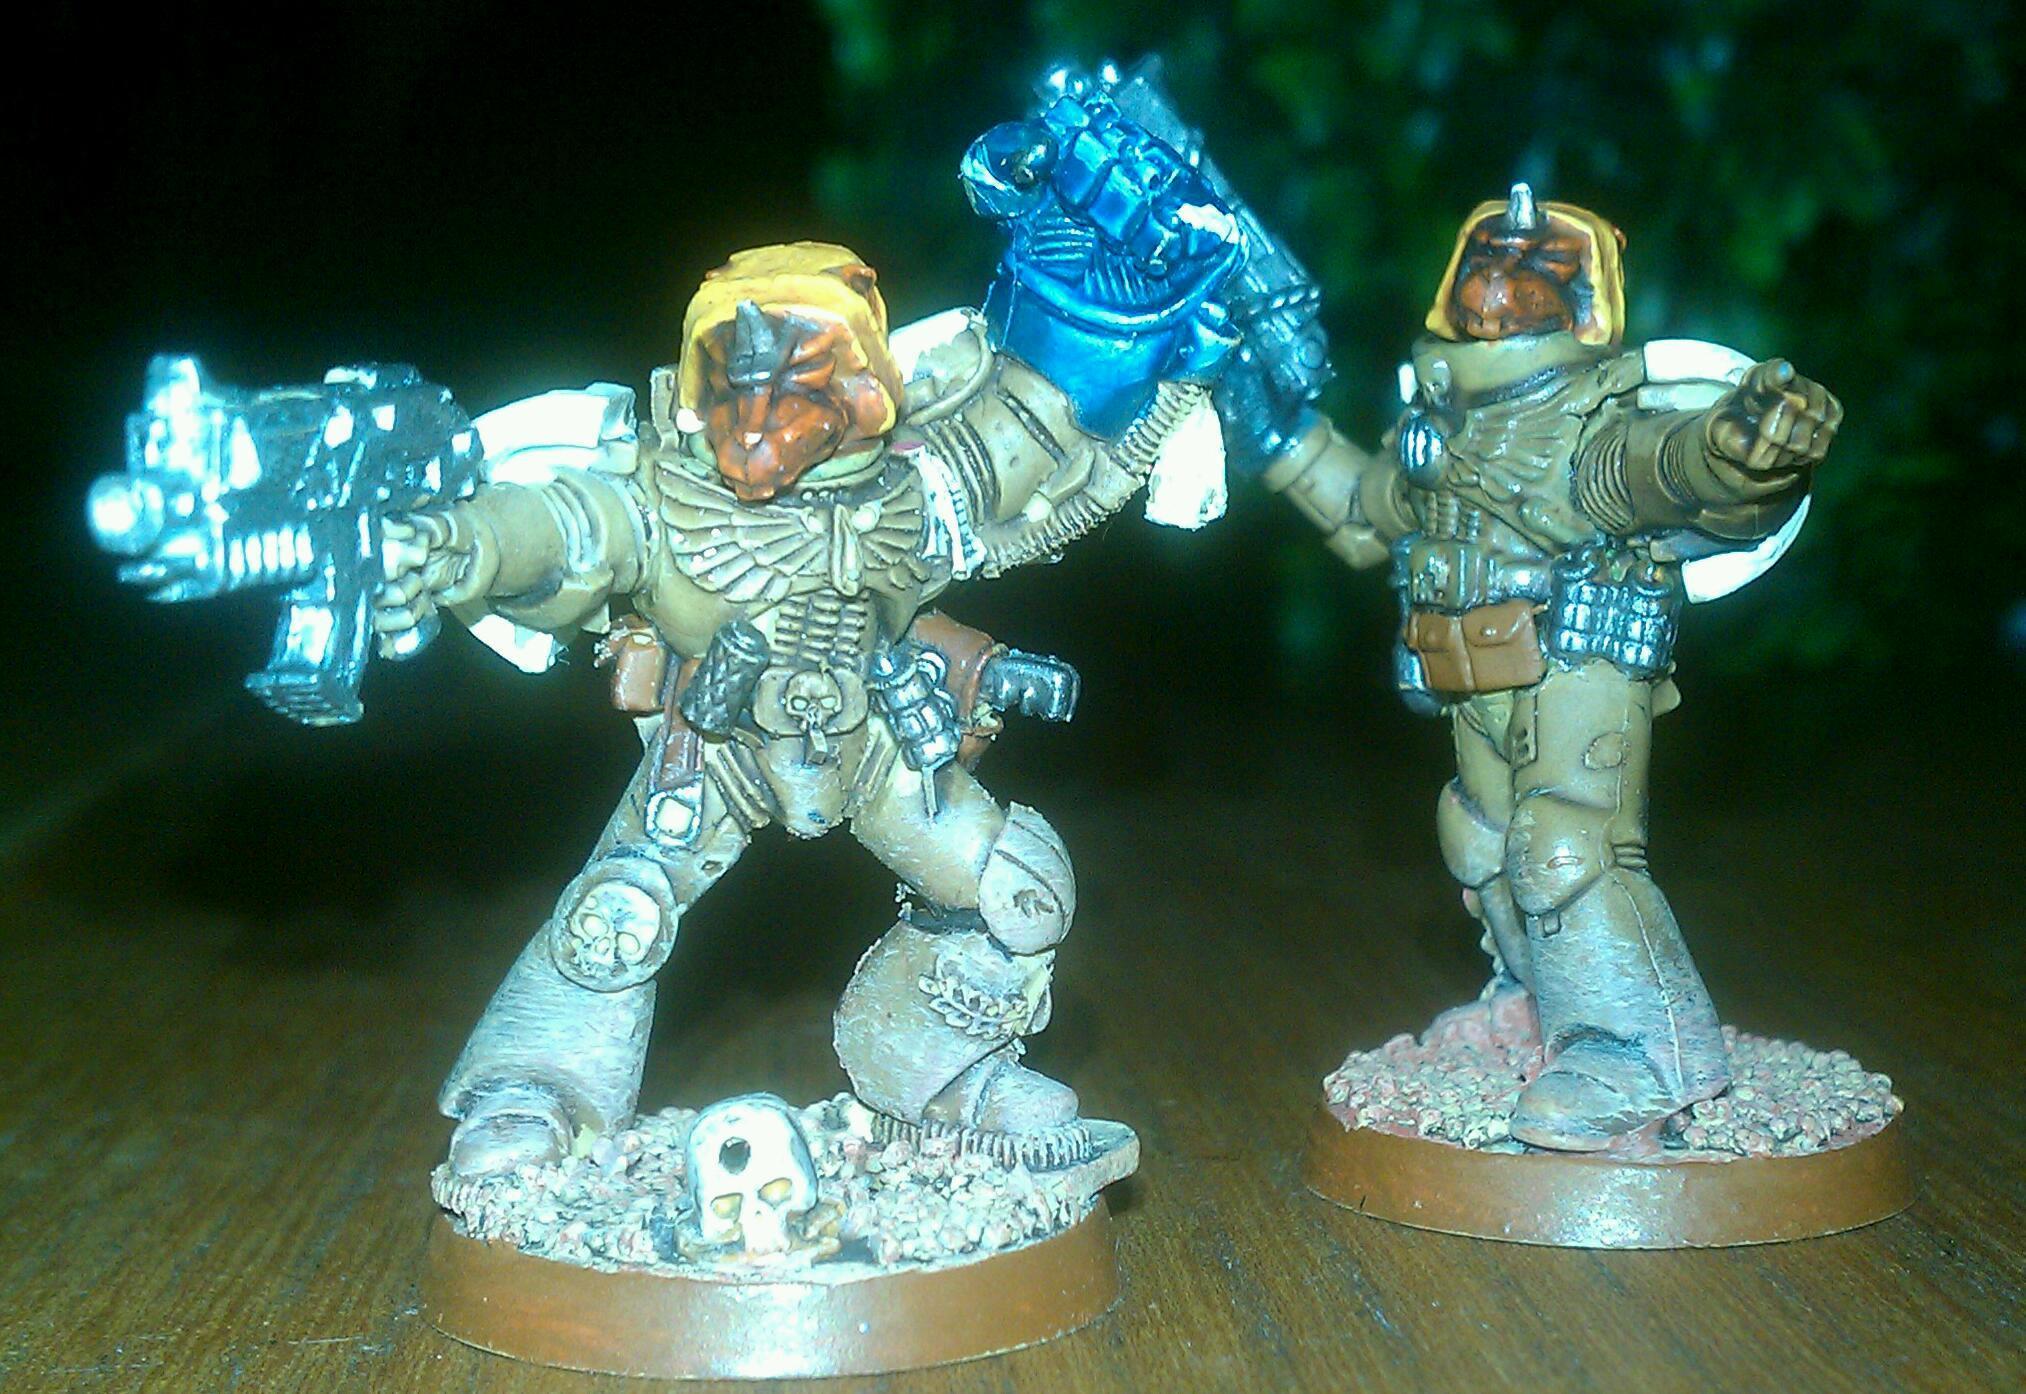 Conversion, Desert, Games Day, Progress, Skaven, Space Marines, Warhammer 40,000, Warhammer Fantasy